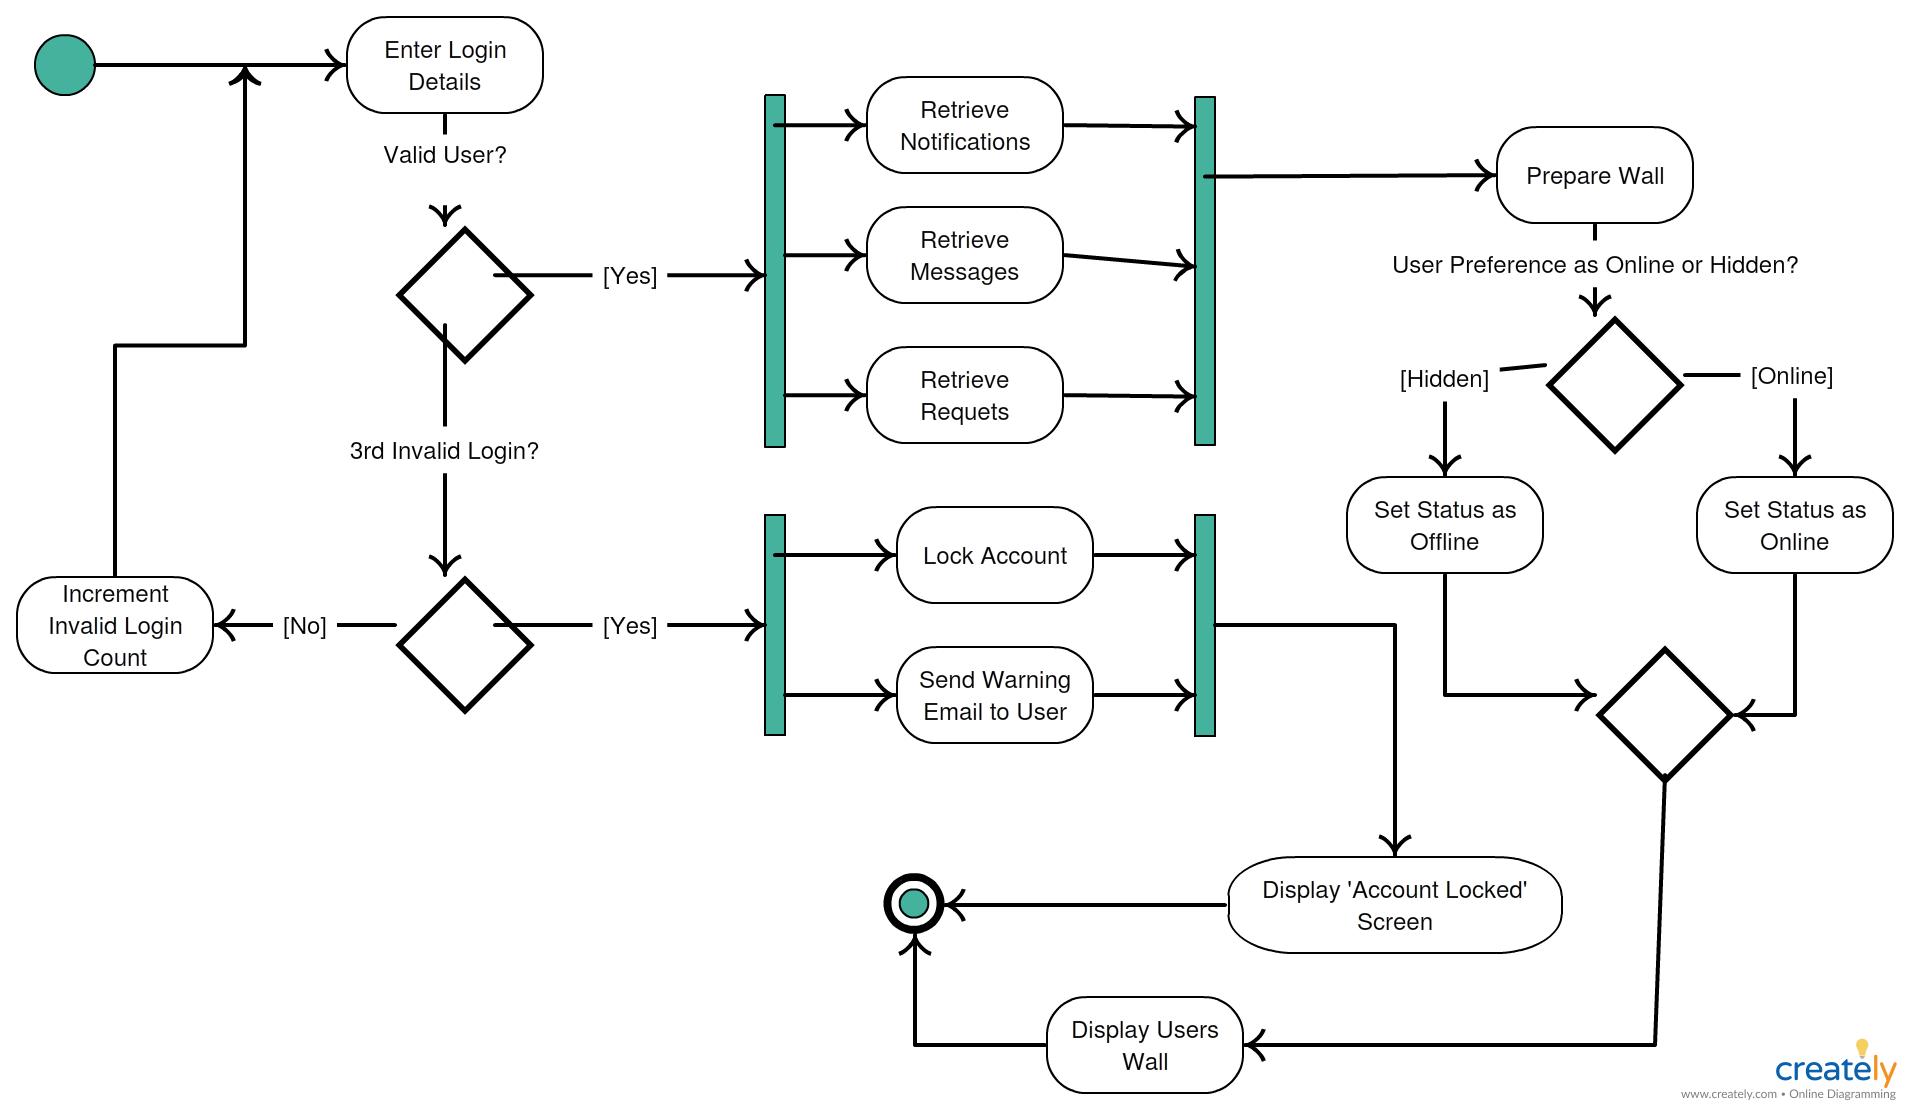 decision making process flow diagram